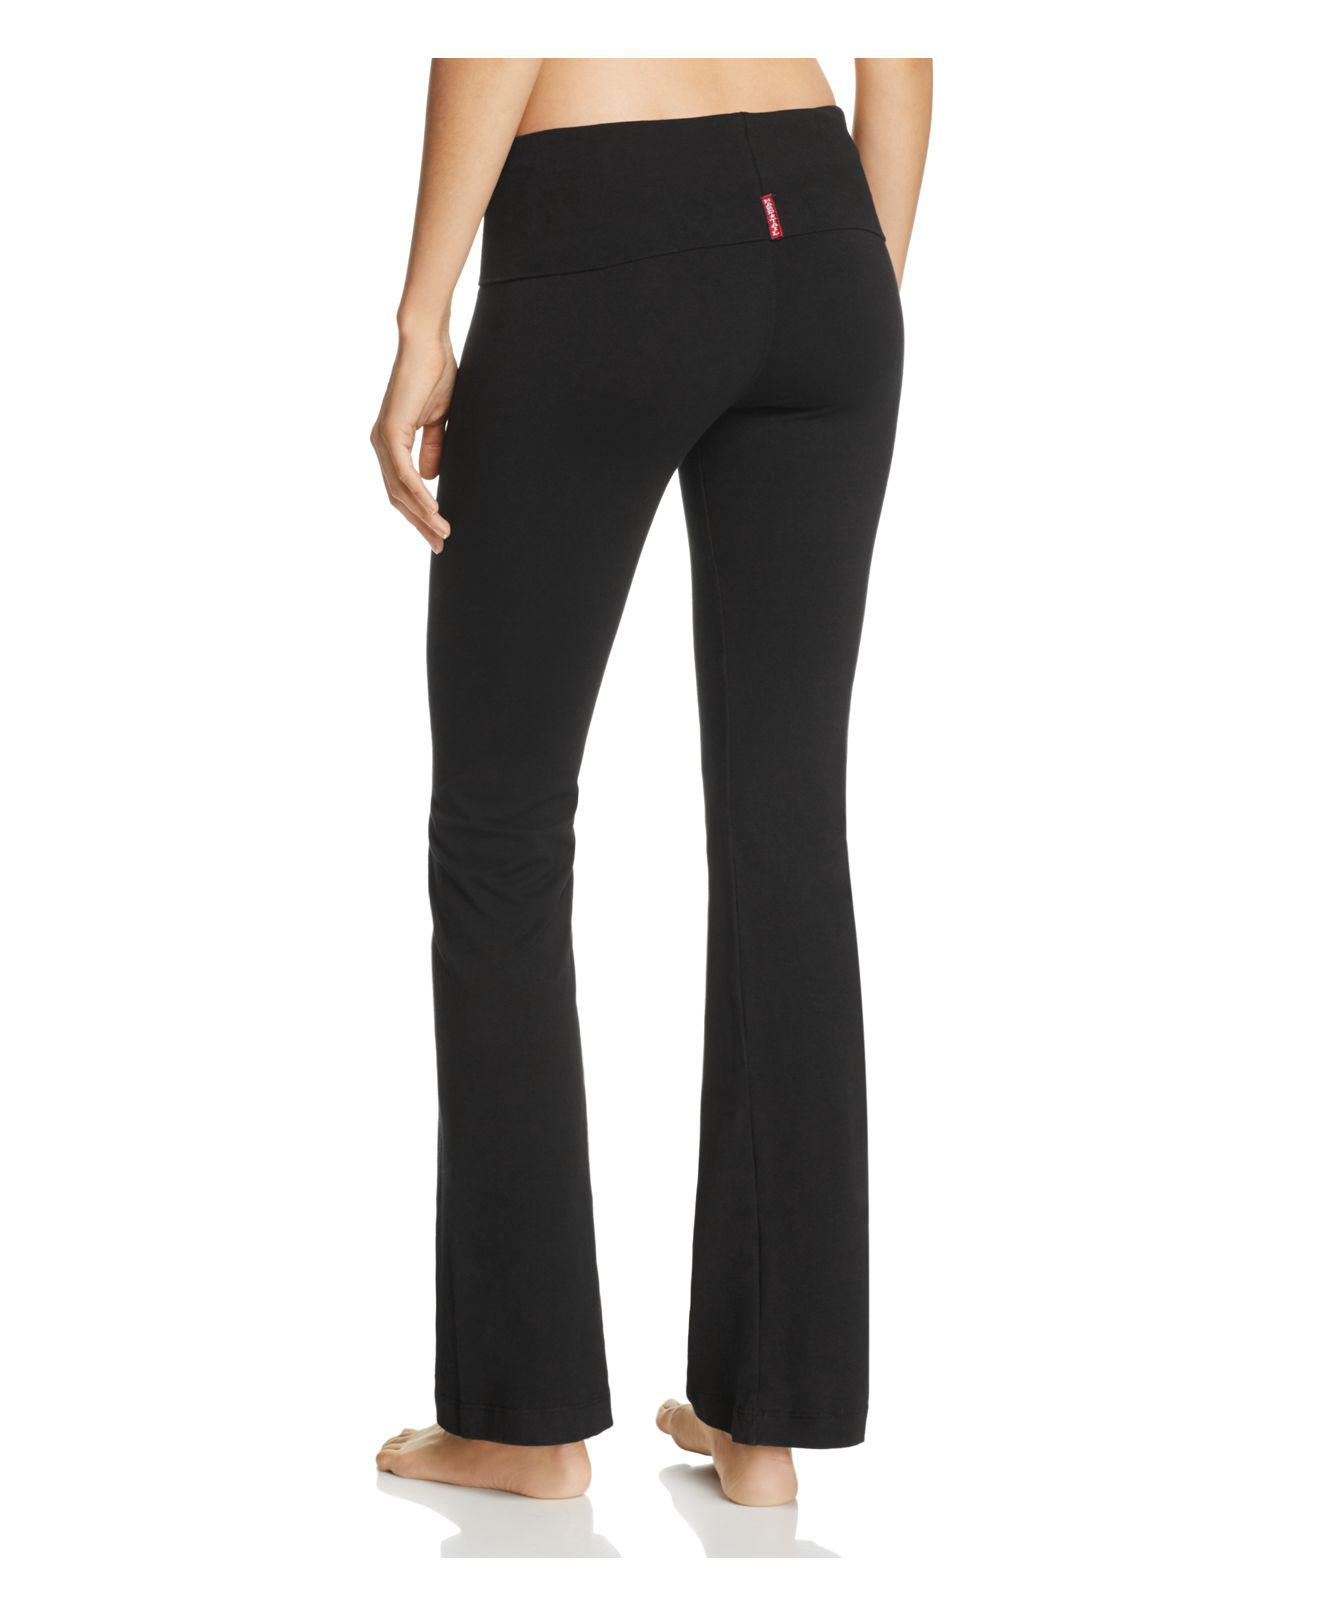 Hard Tail Foldover Pants In Black